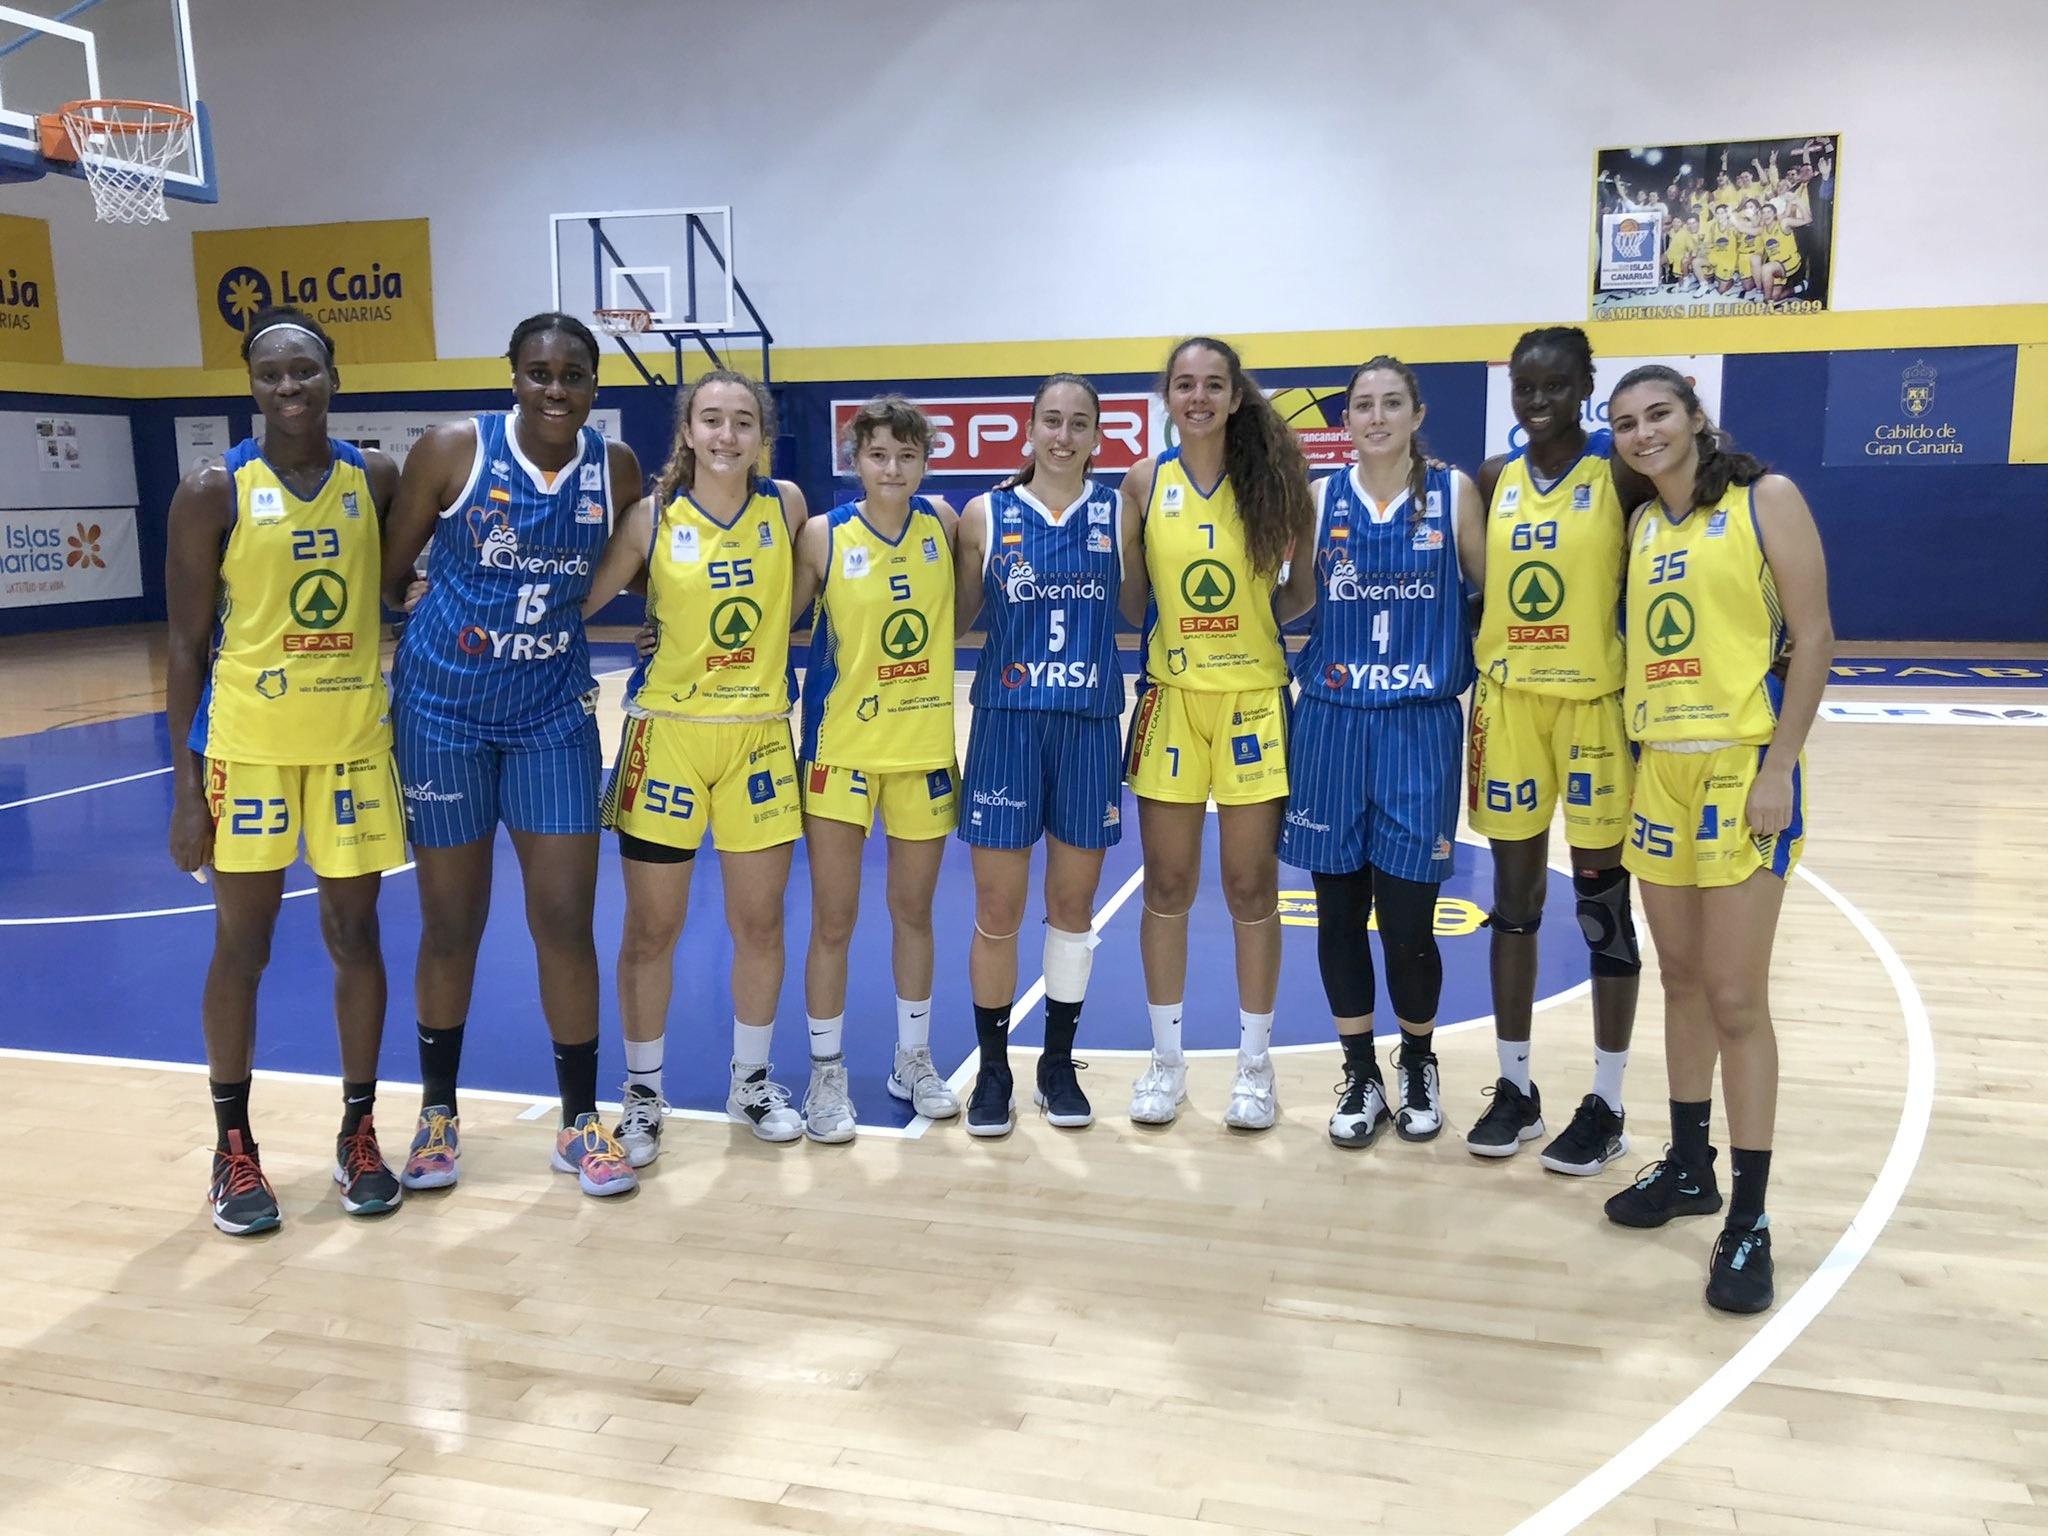 Histórico: Nueve jugadoras con formación canaria en un partido de Liga Femenina